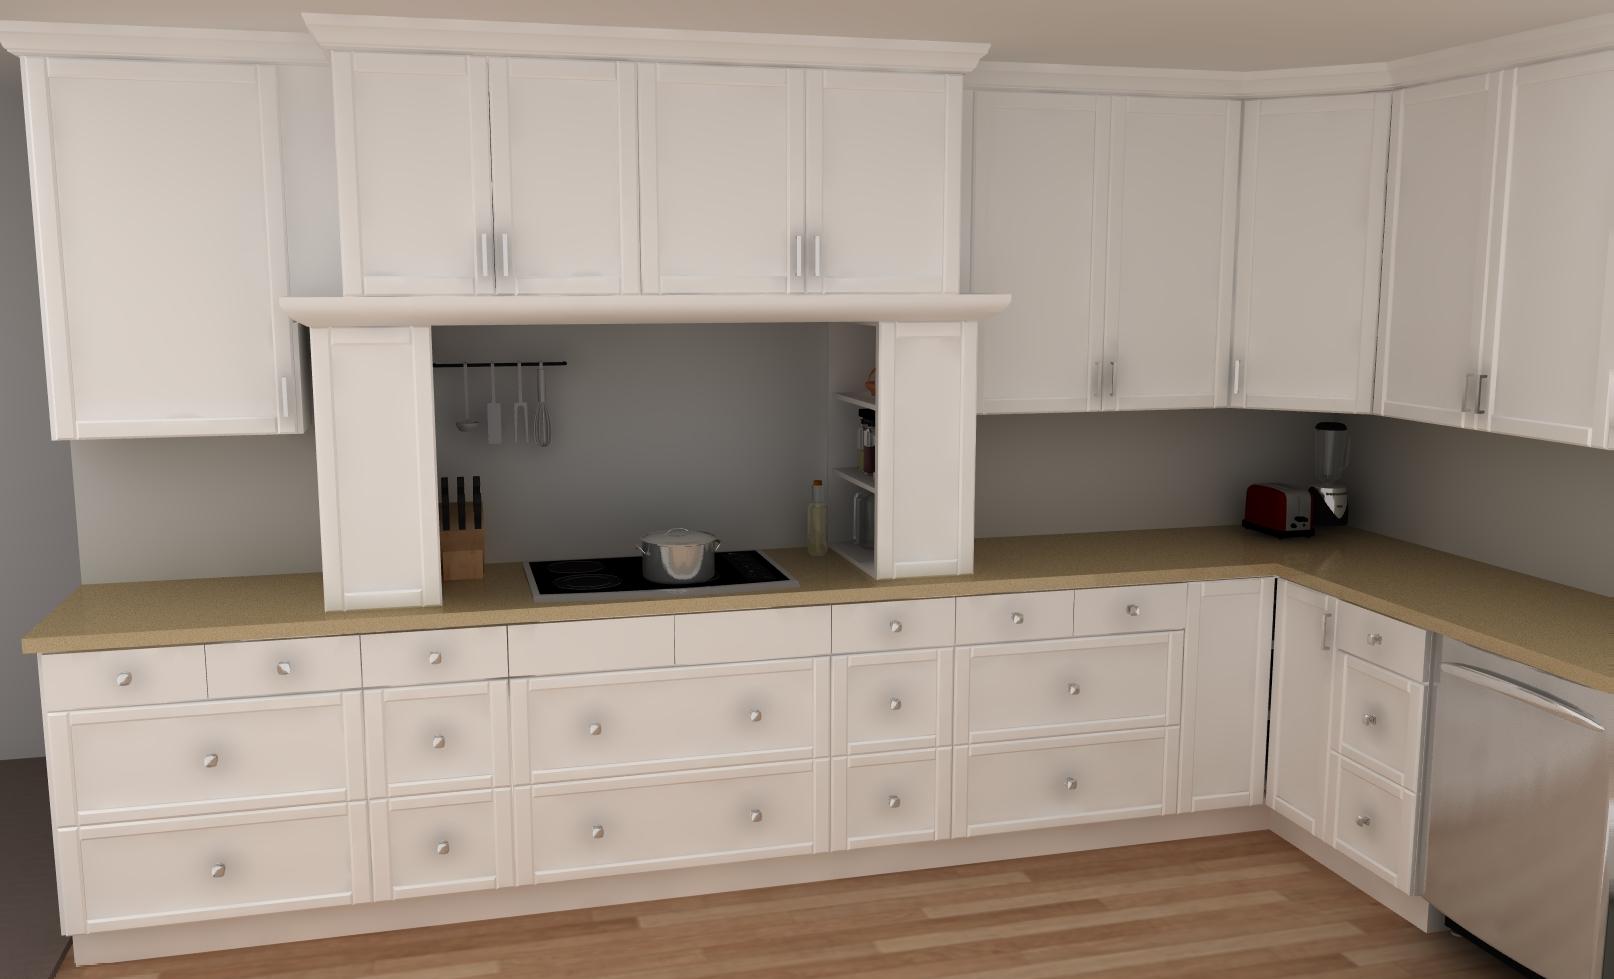 IKEA Kitchen Cabinets Hood